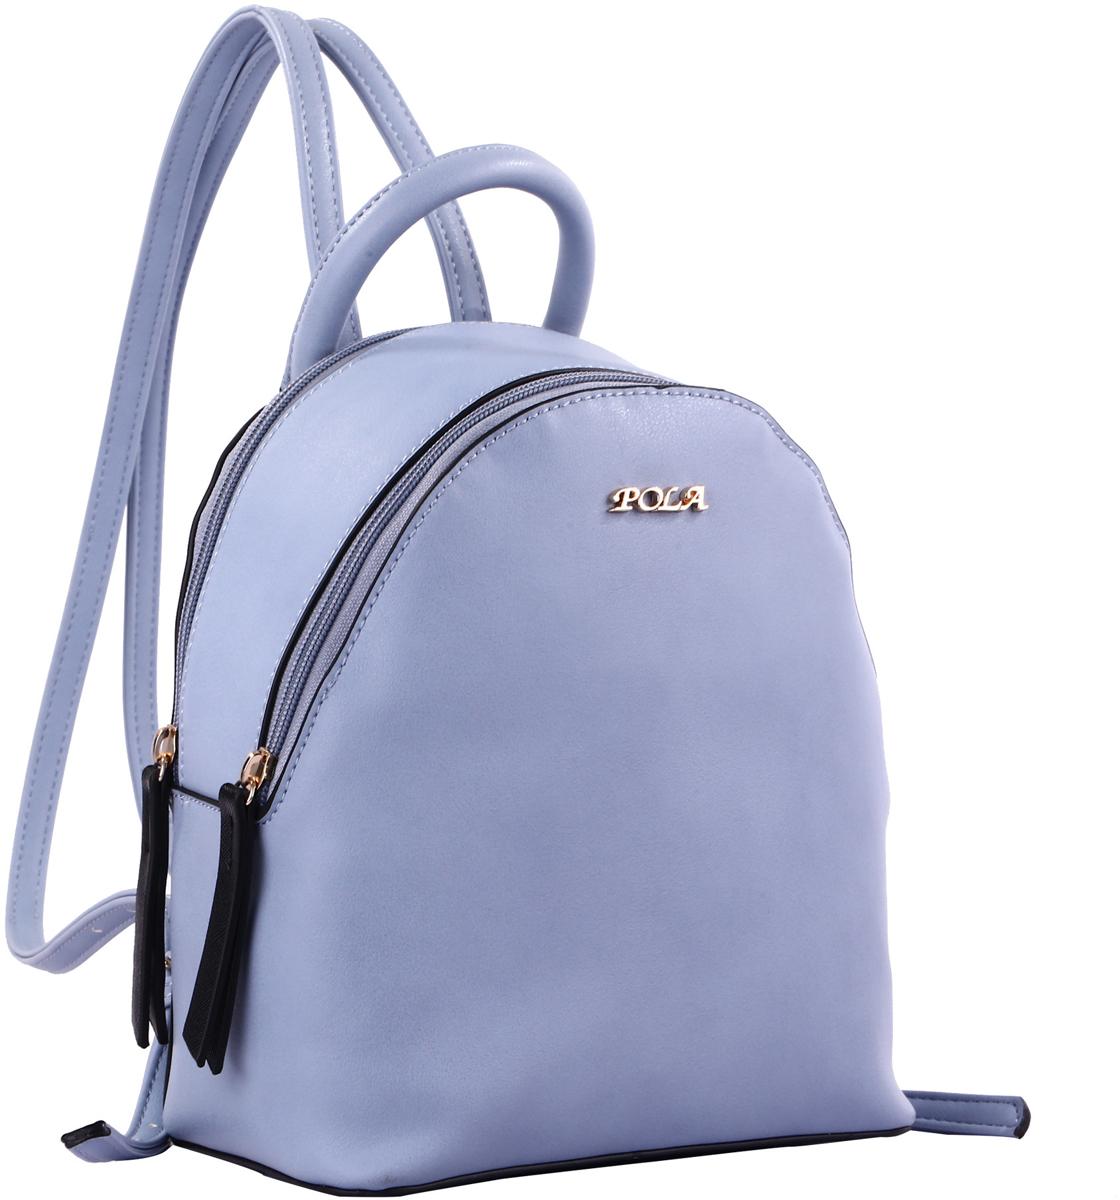 Рюкзак женский Pola, цвет: светло-голубой. 74525